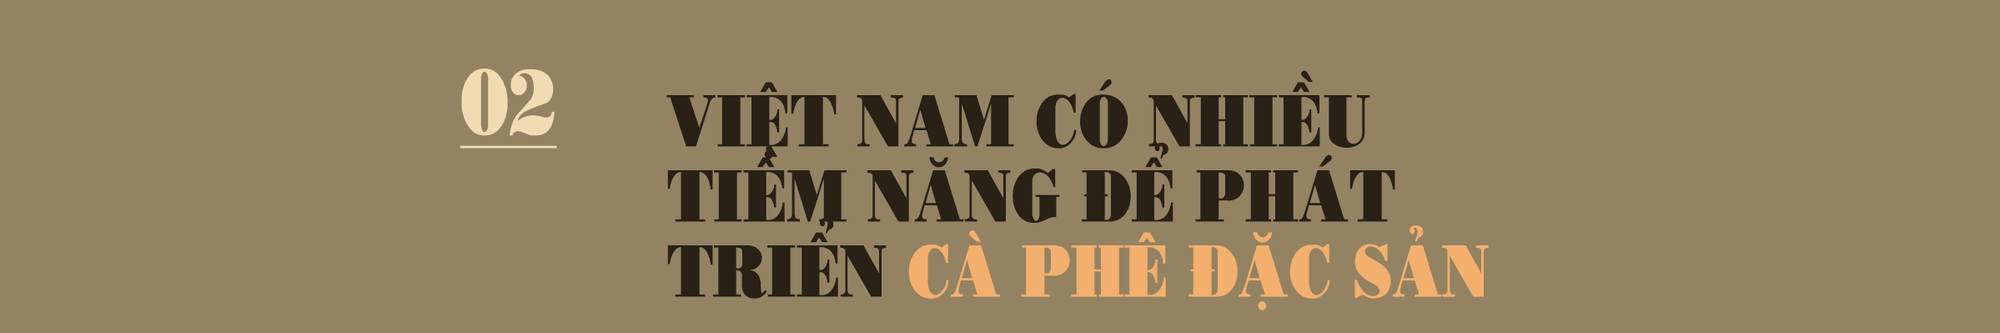 [eMagazine] Cà phê đặc sản: Cửa ngách để nâng tầm cà phê Việt - Ảnh 7.